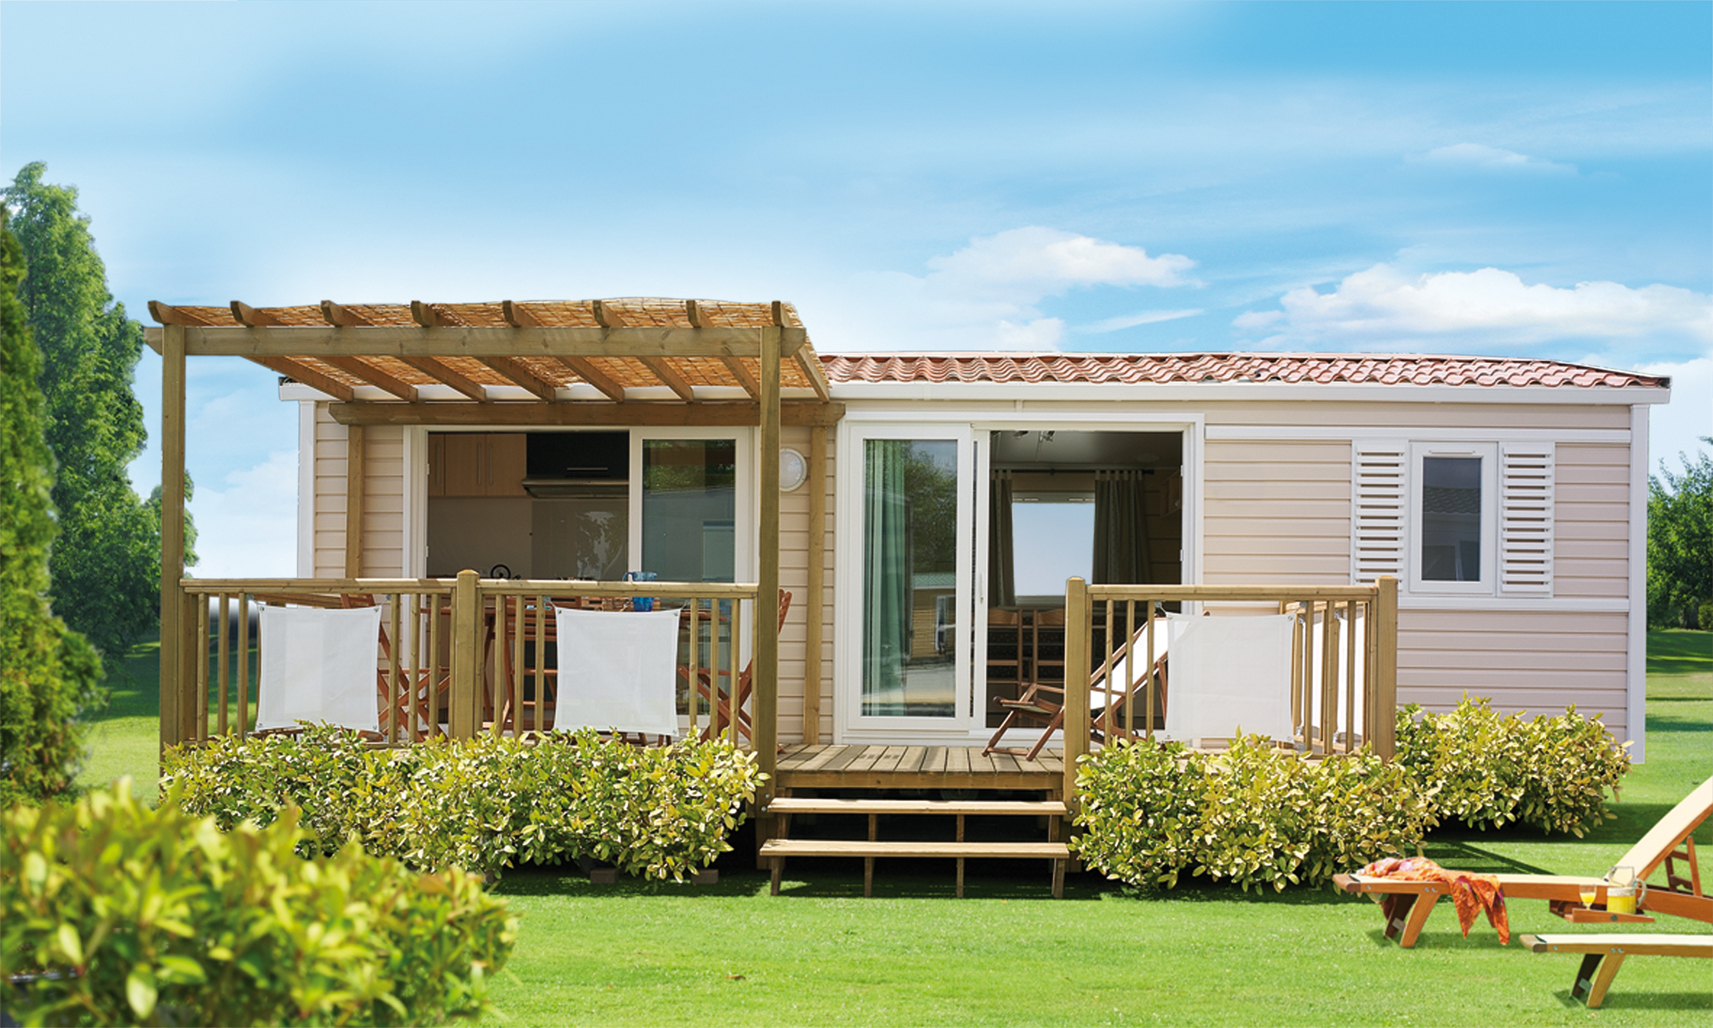 Smaller home design.